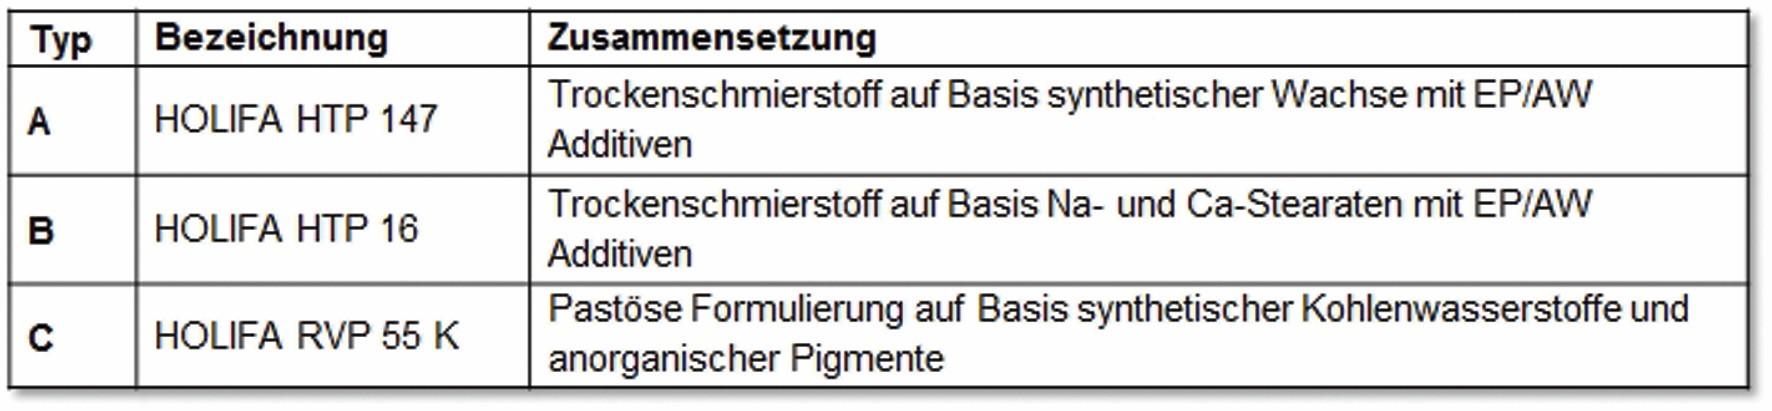 Tabelle 1: Auflistung der im Rahmen des Vorhabens untersuchten Schmierstoffe.